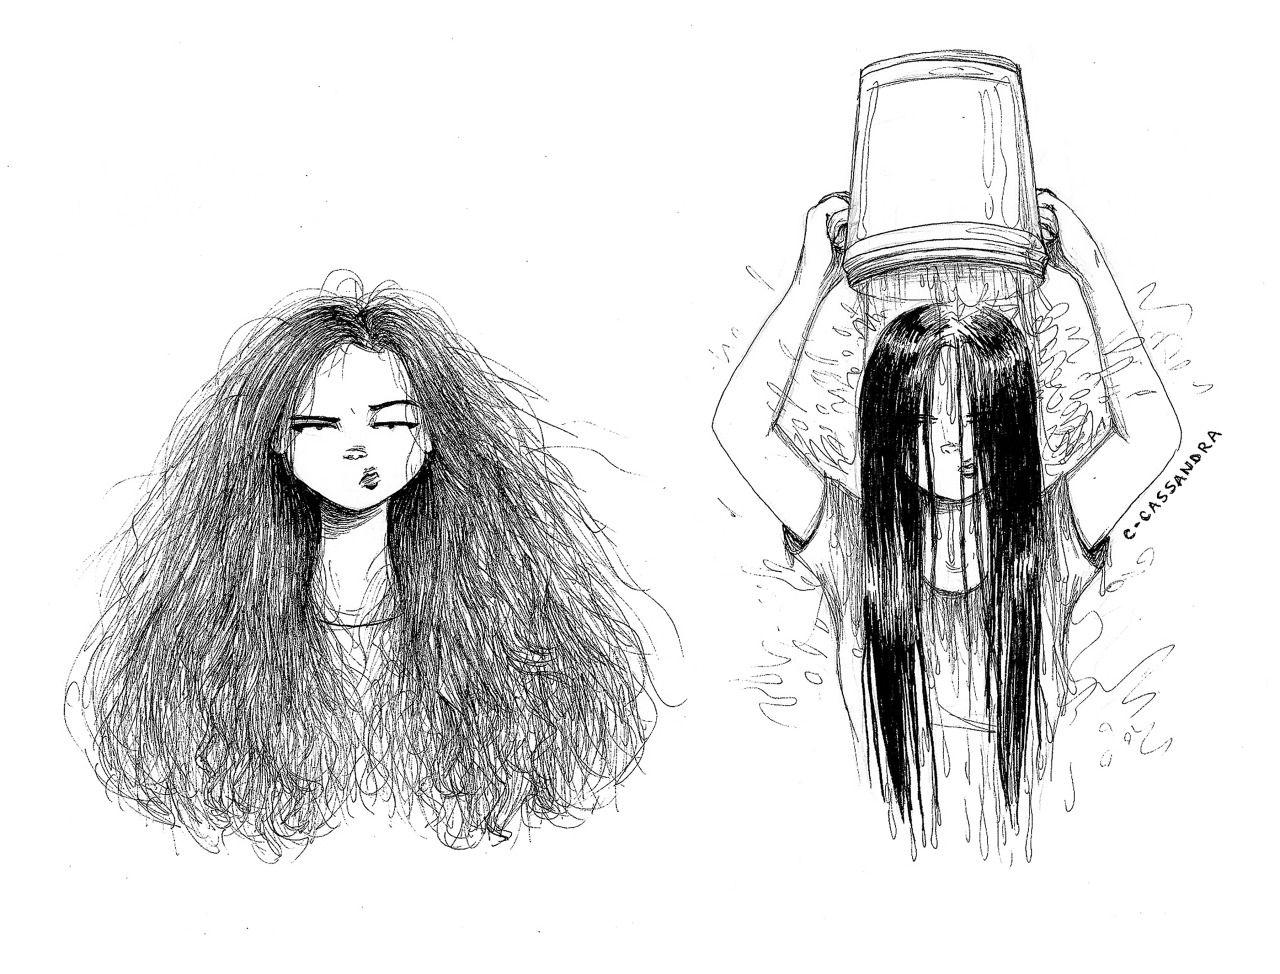 волосы смешной рисунок тэмари